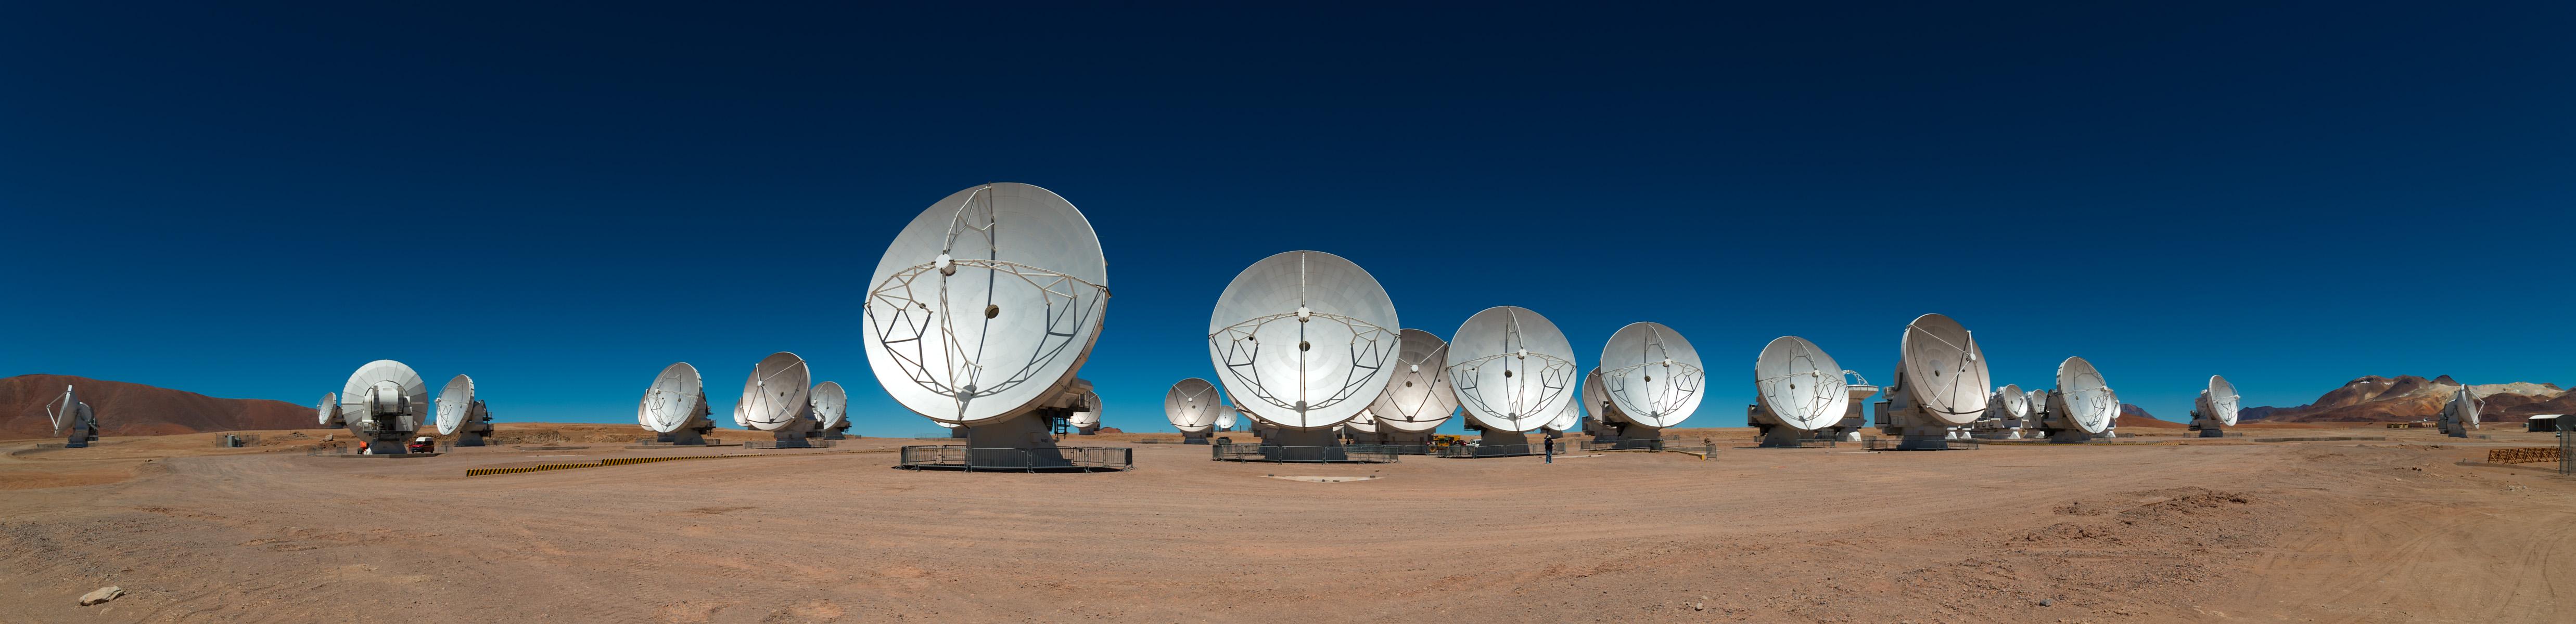 位於智利的阿塔卡瑪大型毫米及次毫米波陣列 (ALMA) ,於 2013 年正式啟用,中研院參與其建造及營運。其靈敏度比前一代的 SMA 高出幾個數量級。 攝影│王為豪